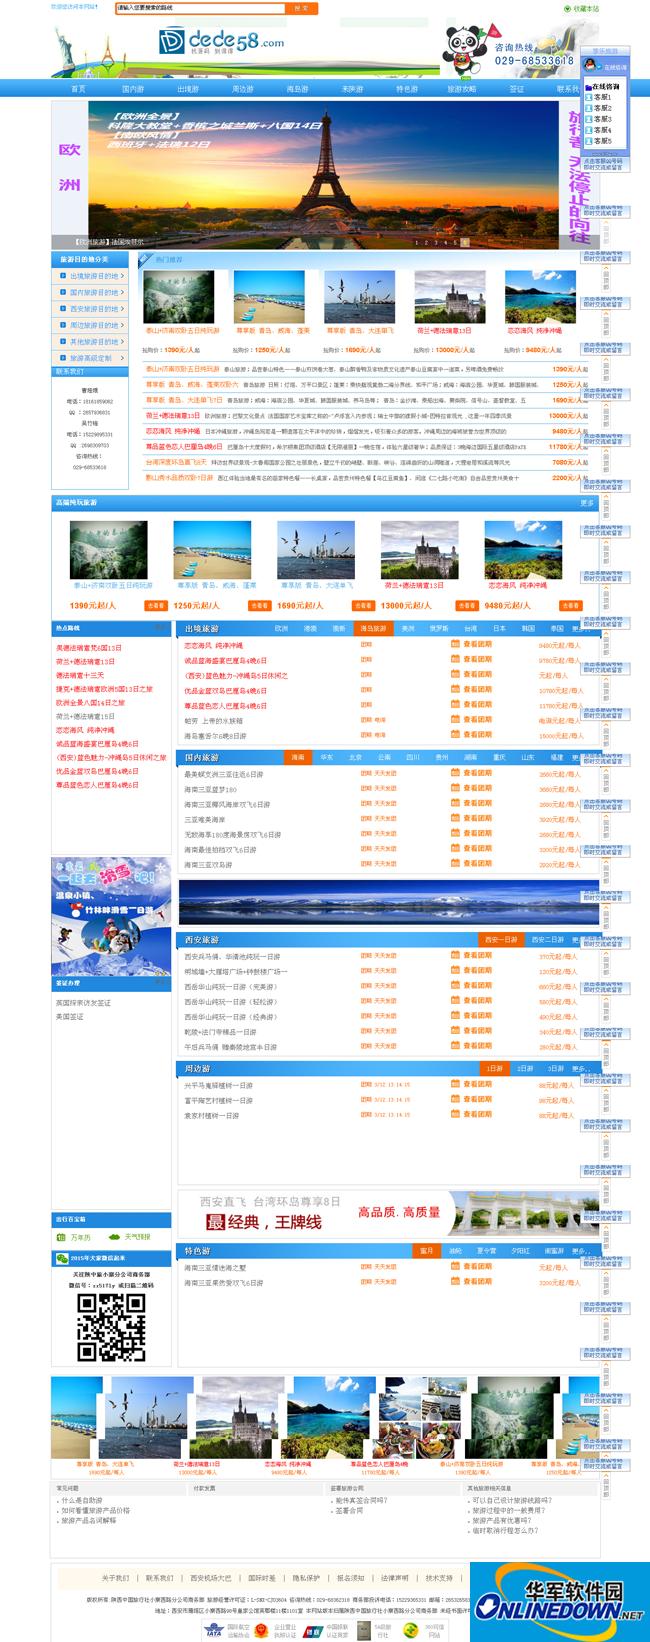 大气游览社旅游类公司网站织梦模板